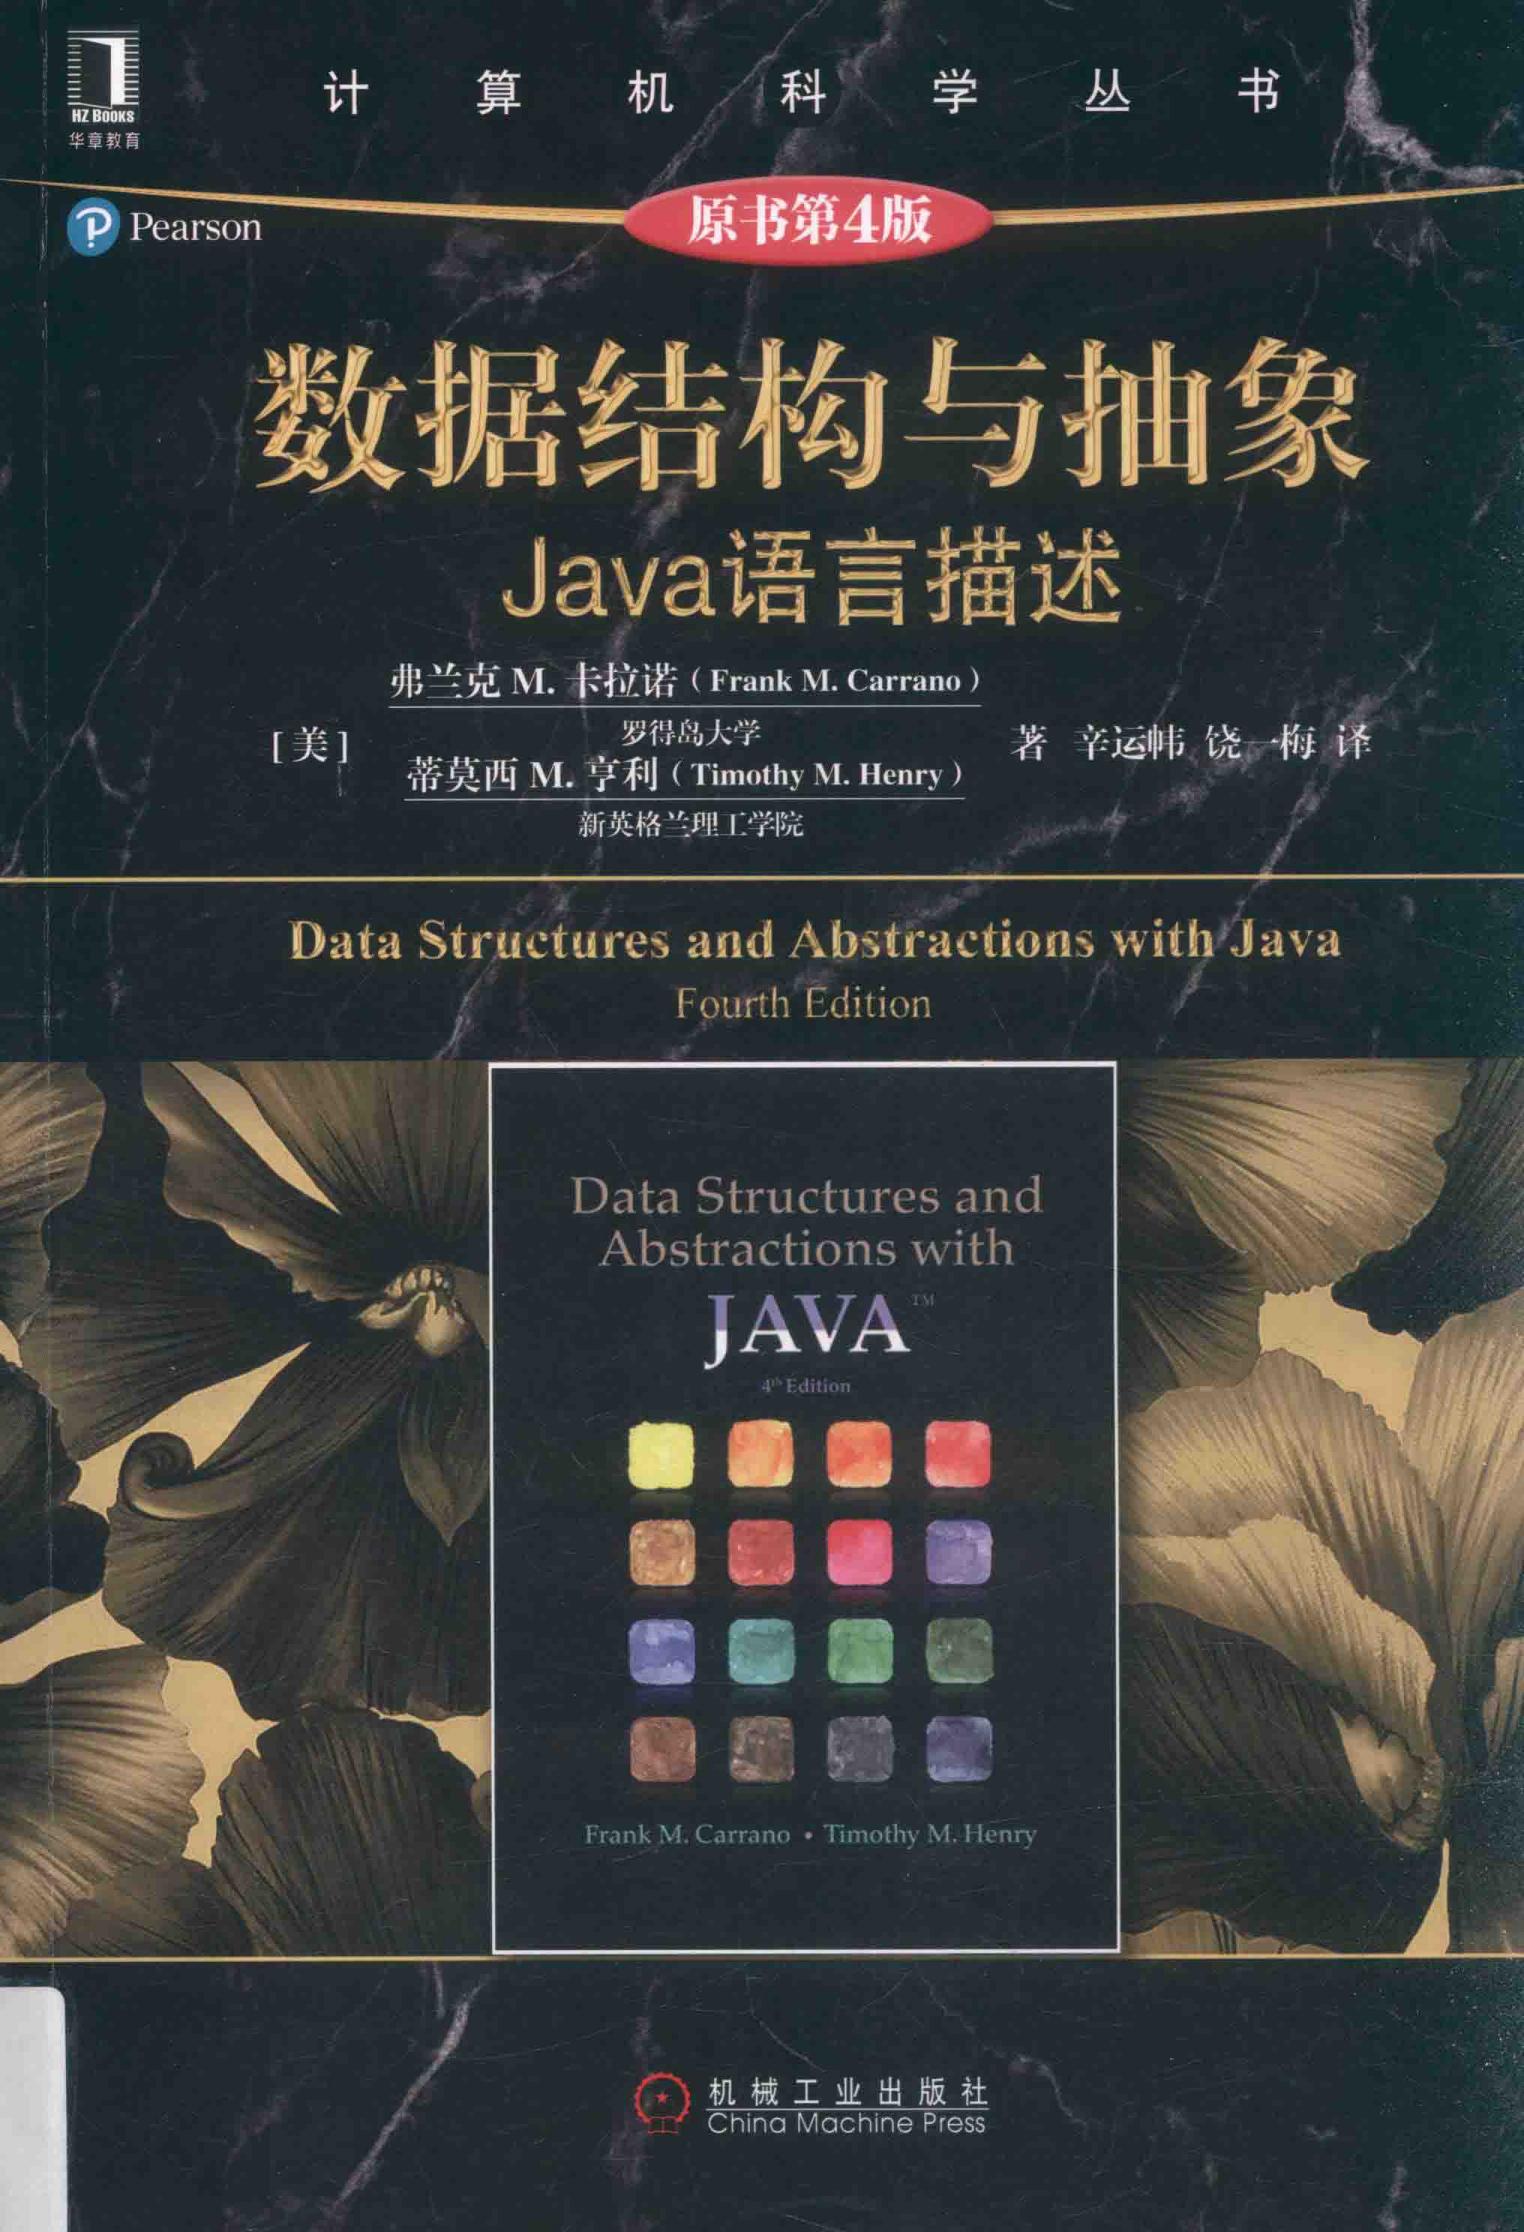 一本神书把数据结构与抽象学的明明白白